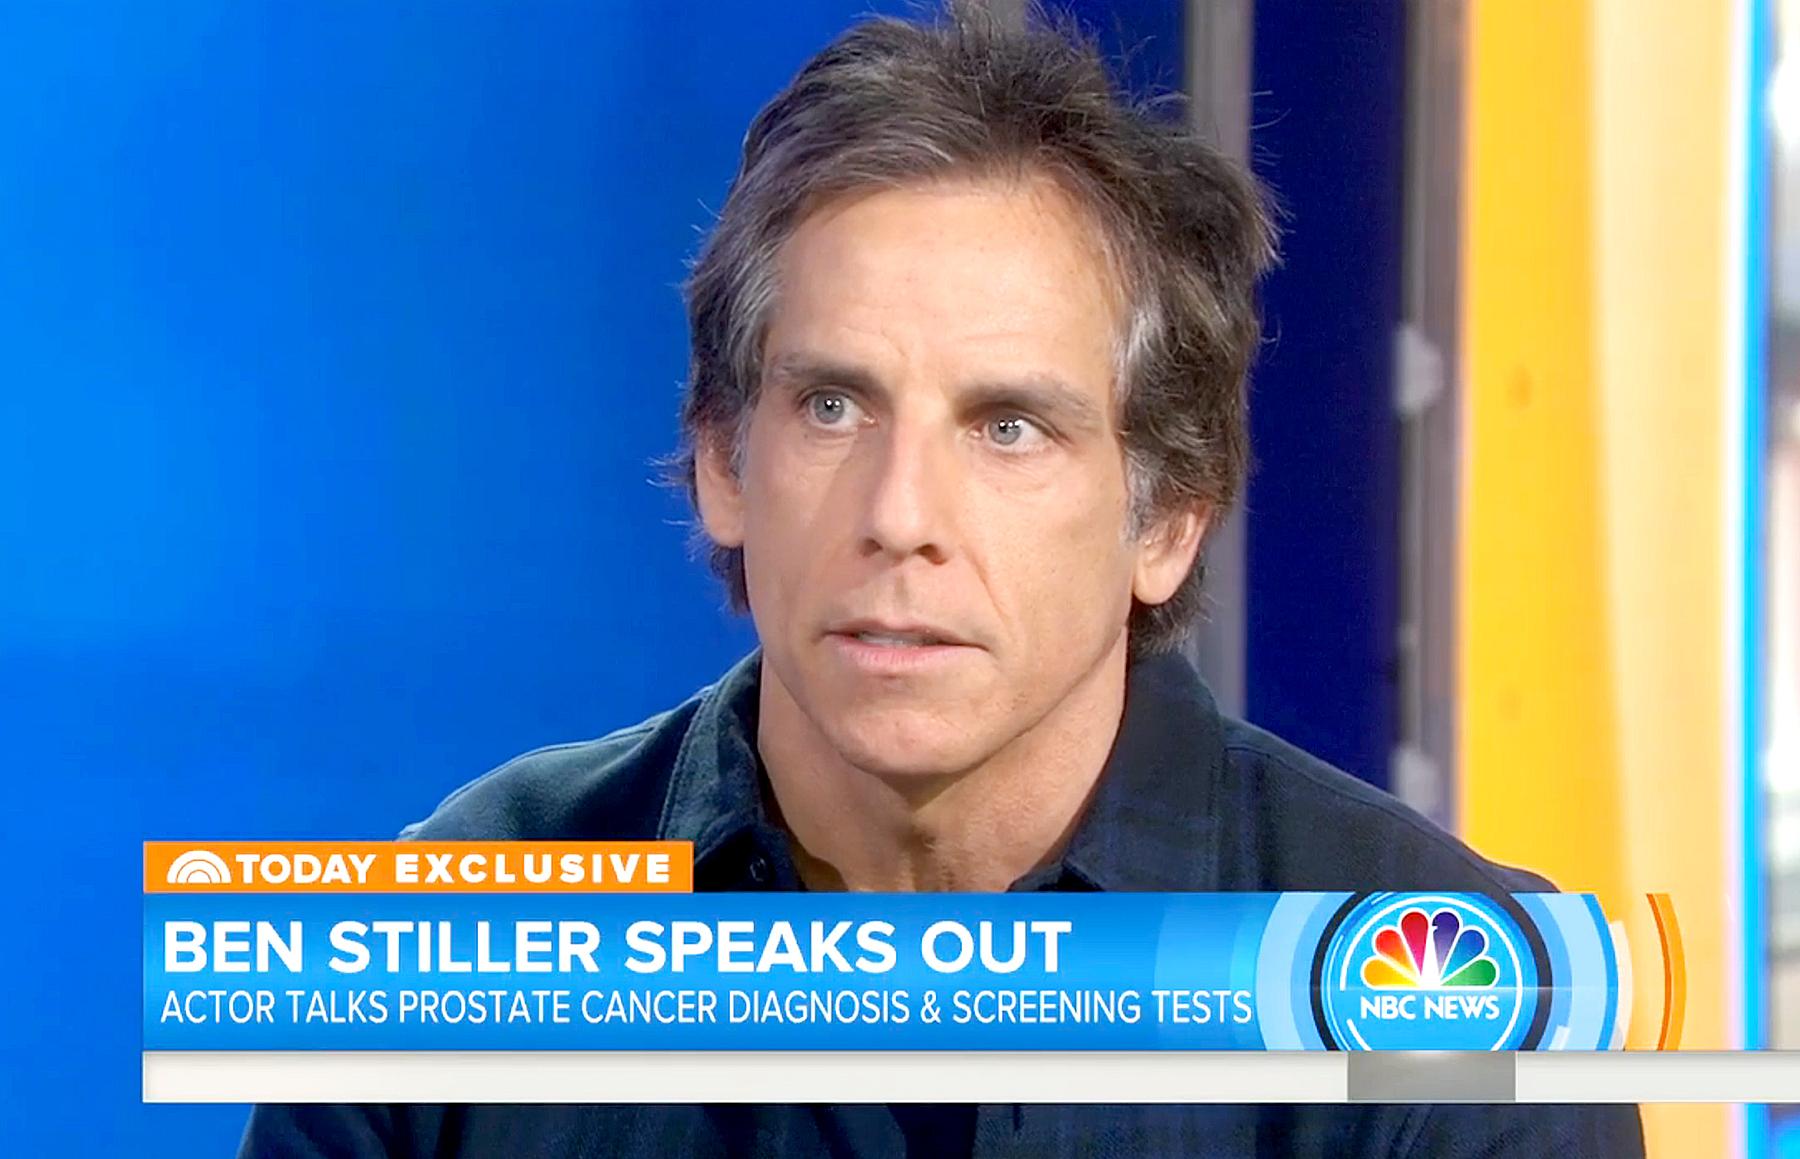 Ben Stiller on 'Today'